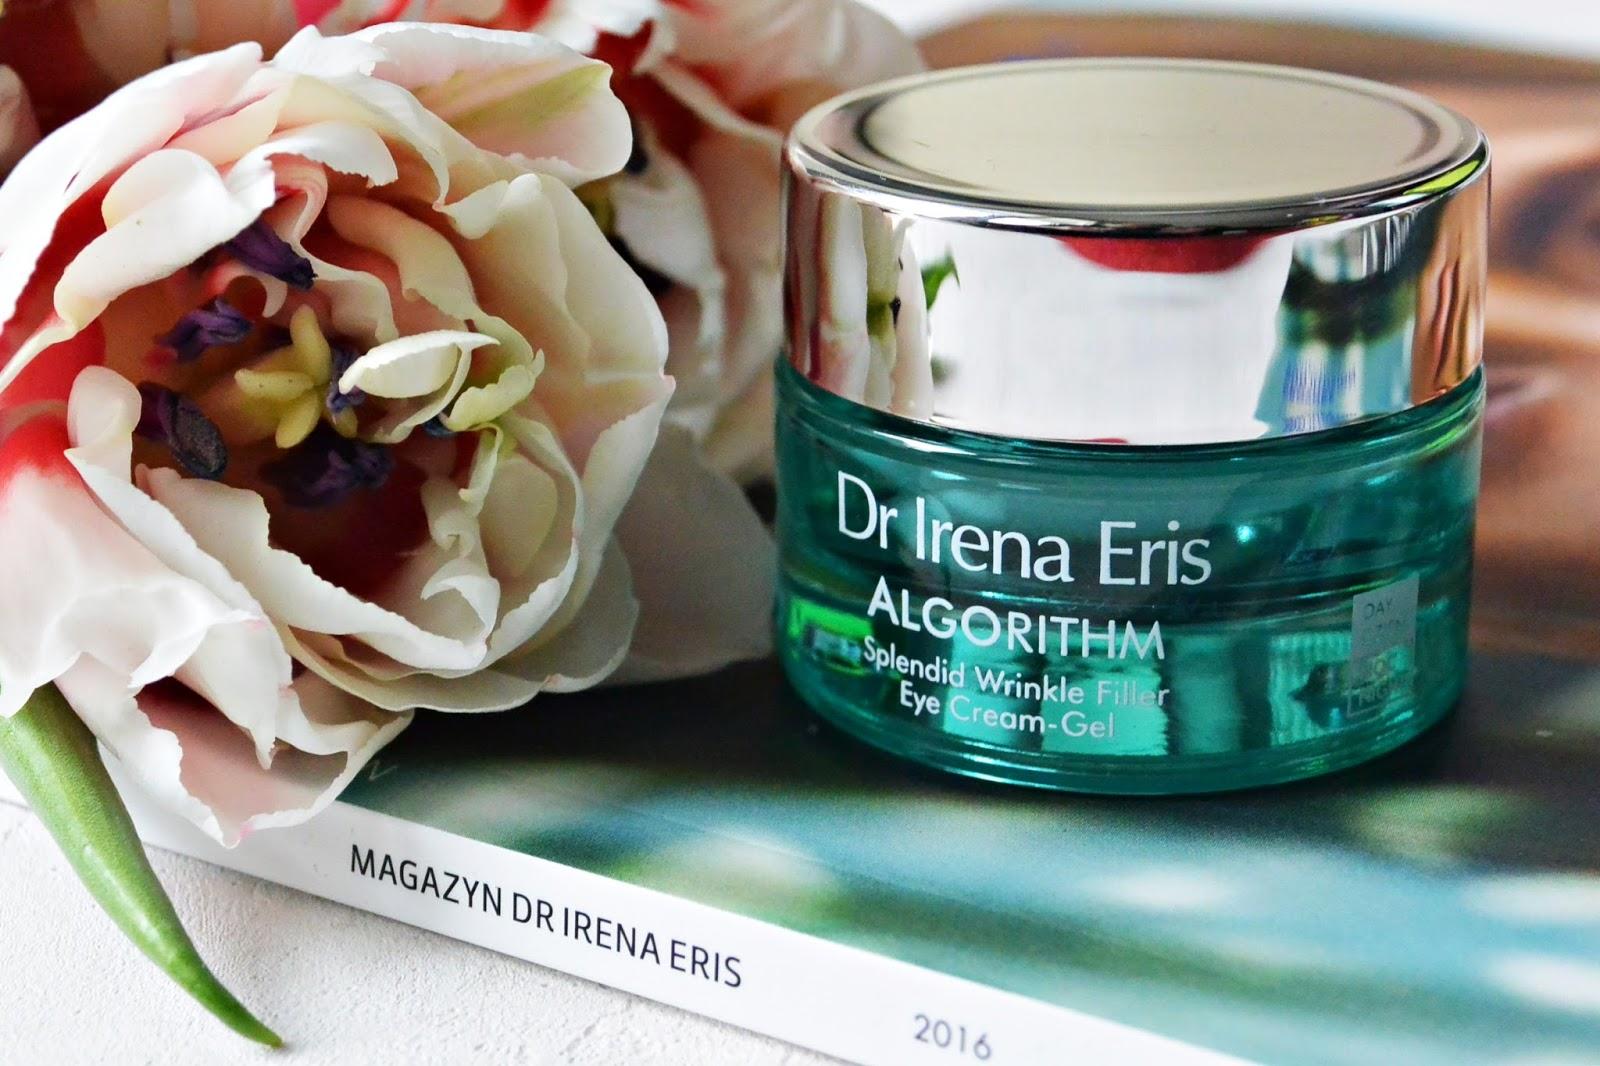 Nowy produkt w linii ALGORITHM | Krem-żel pod oczy Dr Irena Eris